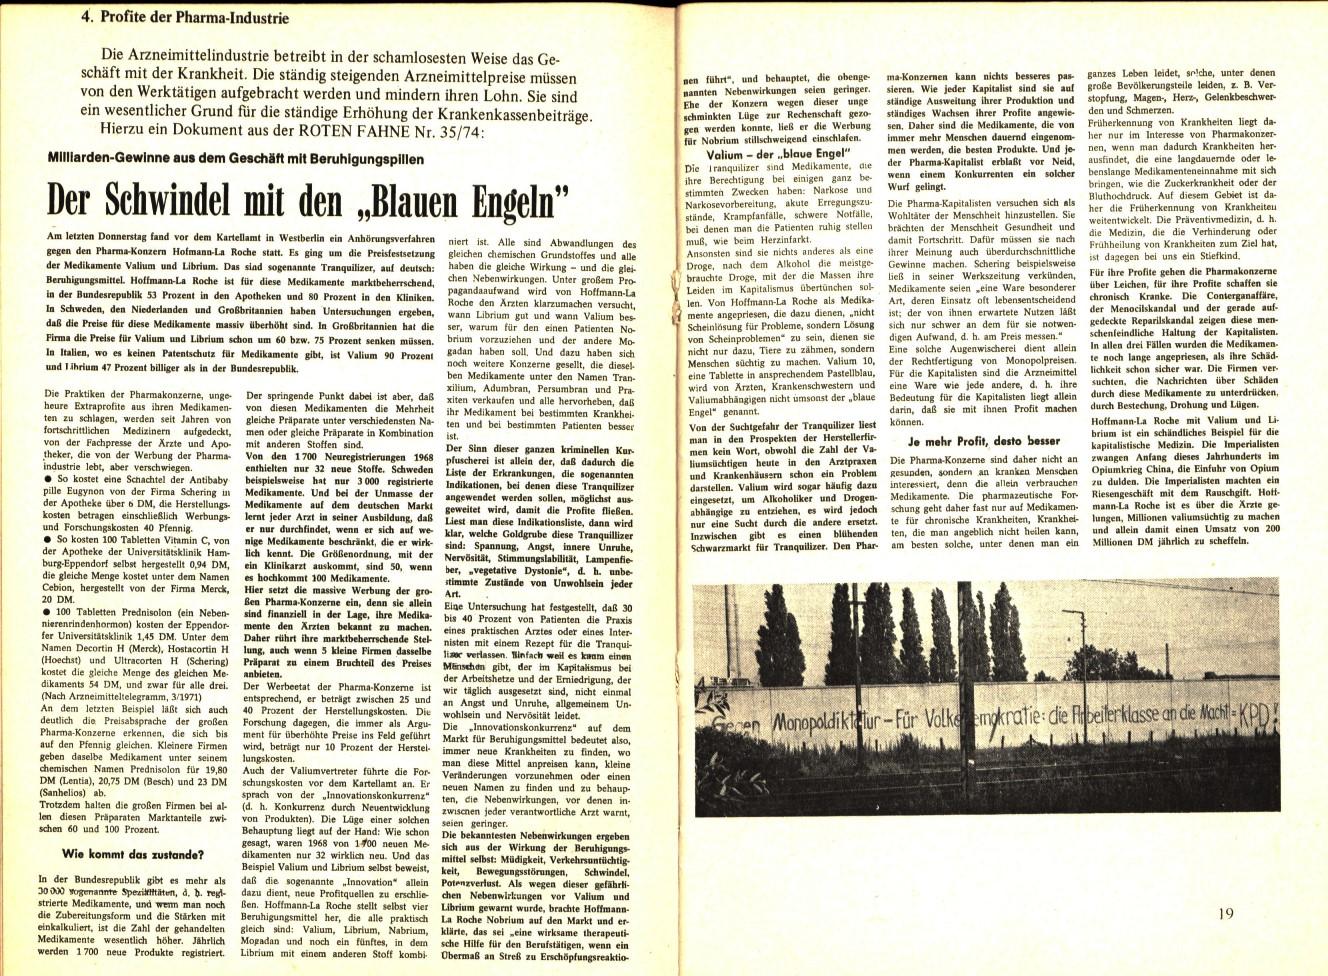 Berlin_KPDAO_1974_Volksentscheid_fuer_Poliklinken_11